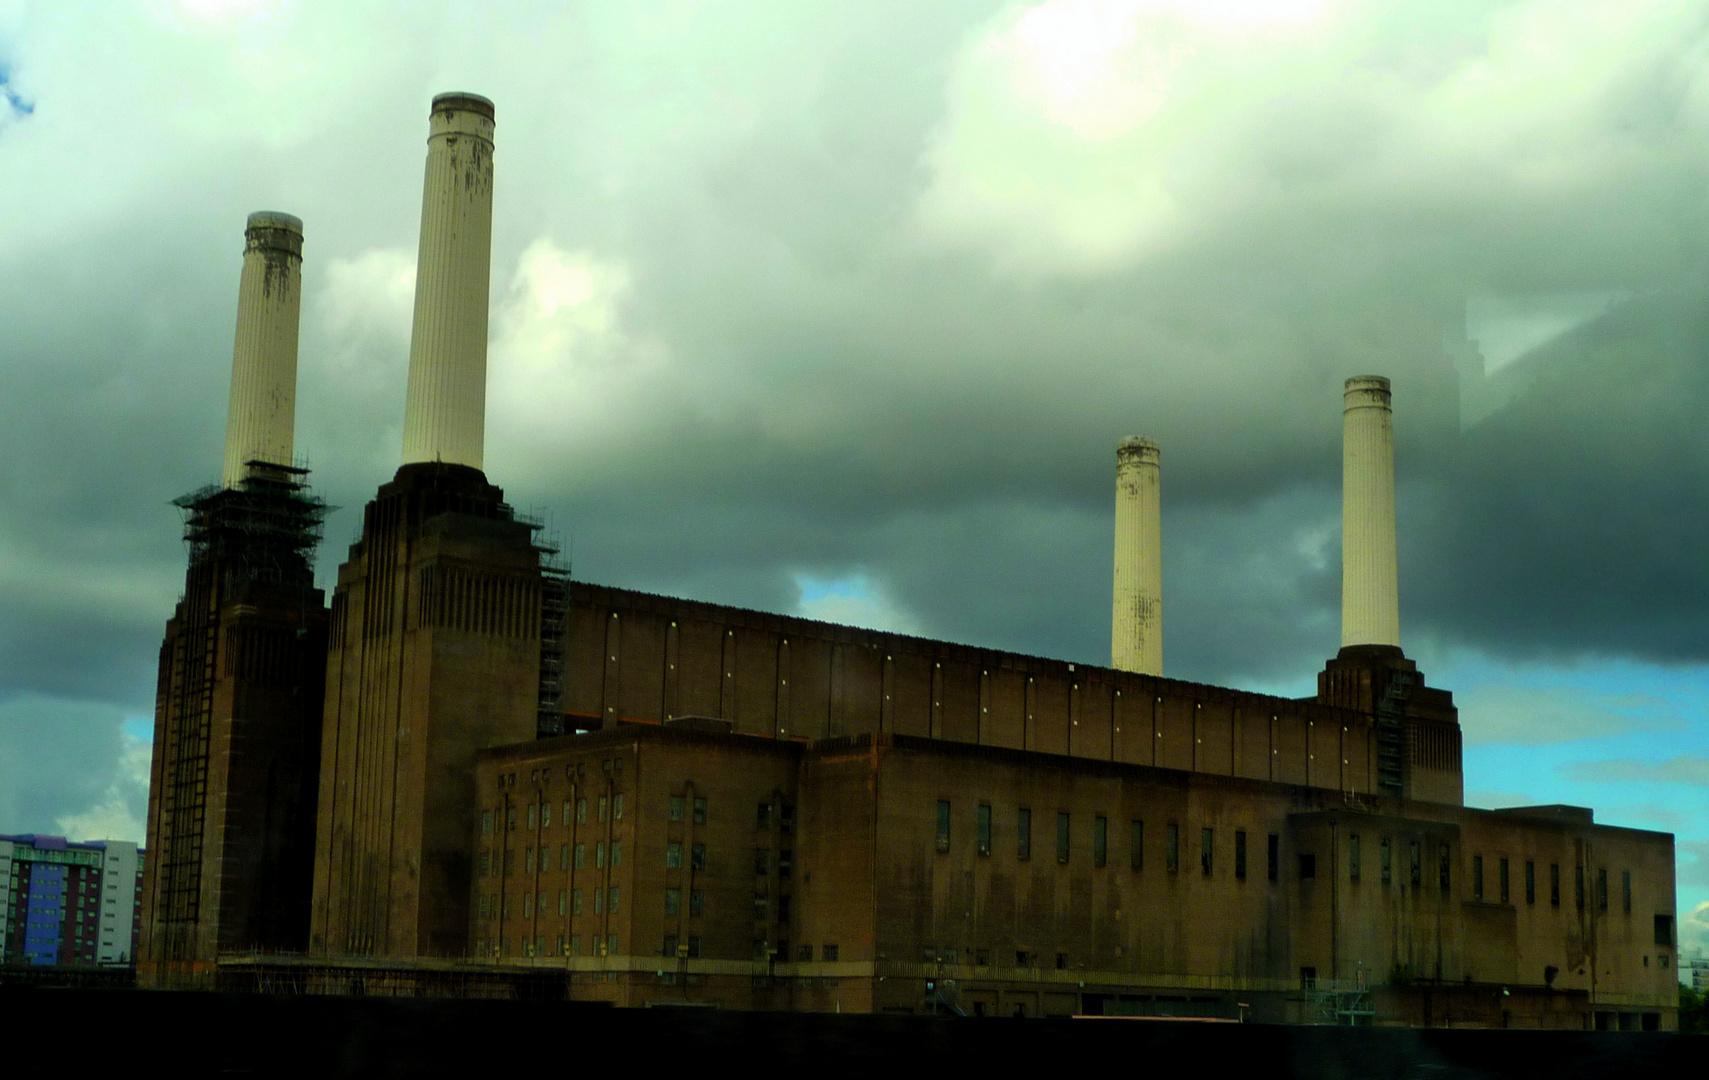 Thunderstorm over Battersea